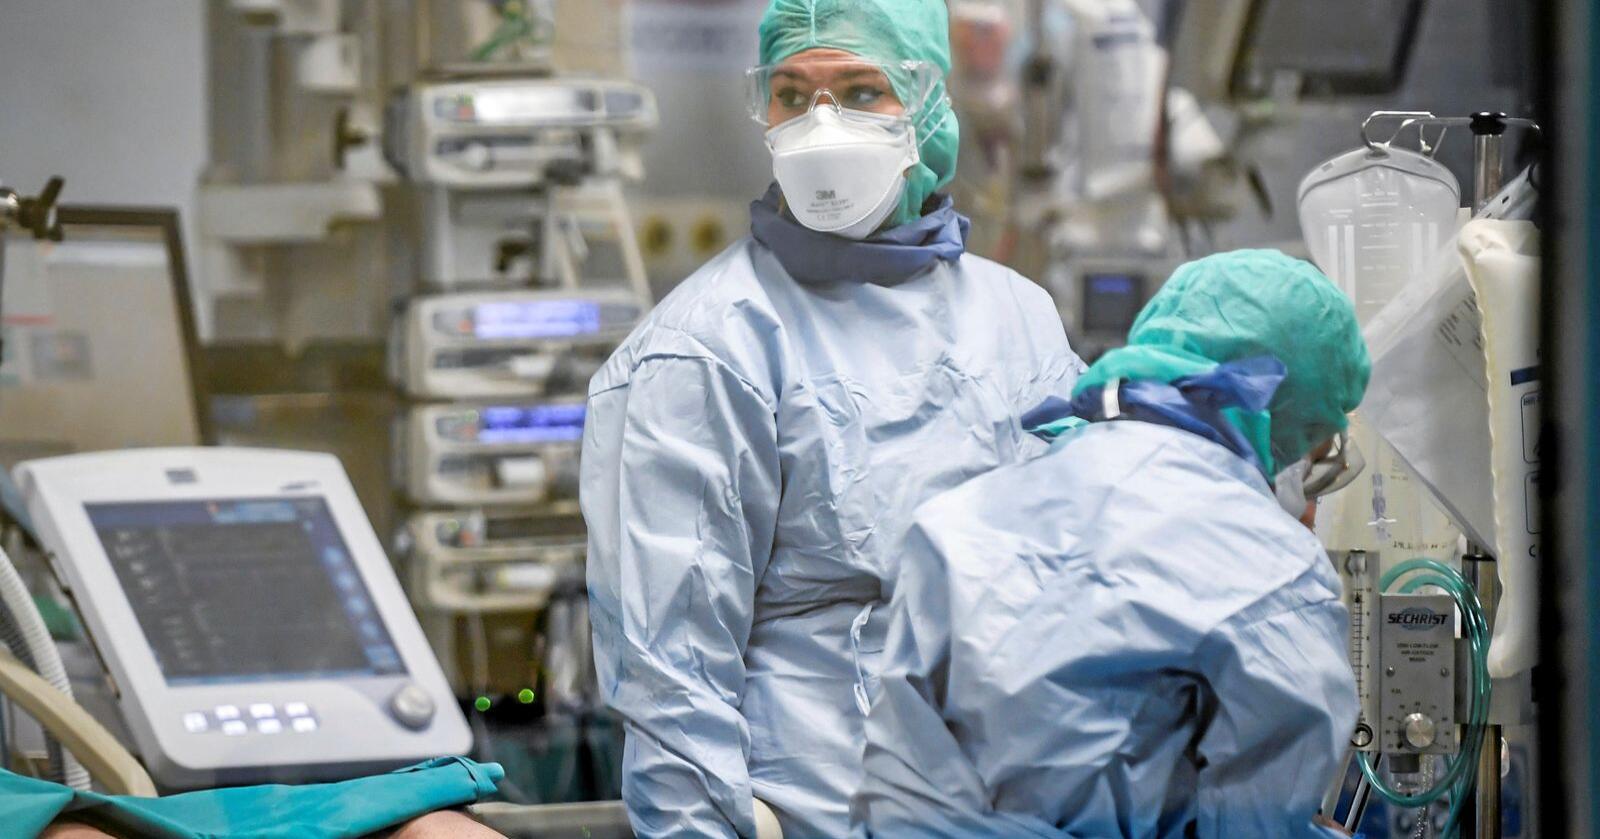 Tyskland tar inn korona-pasienter fra Frankrike og Italia. Dette er vel også solidaritet, skriver Helge Goverud Karlsrud. Her fra et sykehus i Pavia i Nord-italia. Foto: Claudio Furlan / AP / NTB scanpix